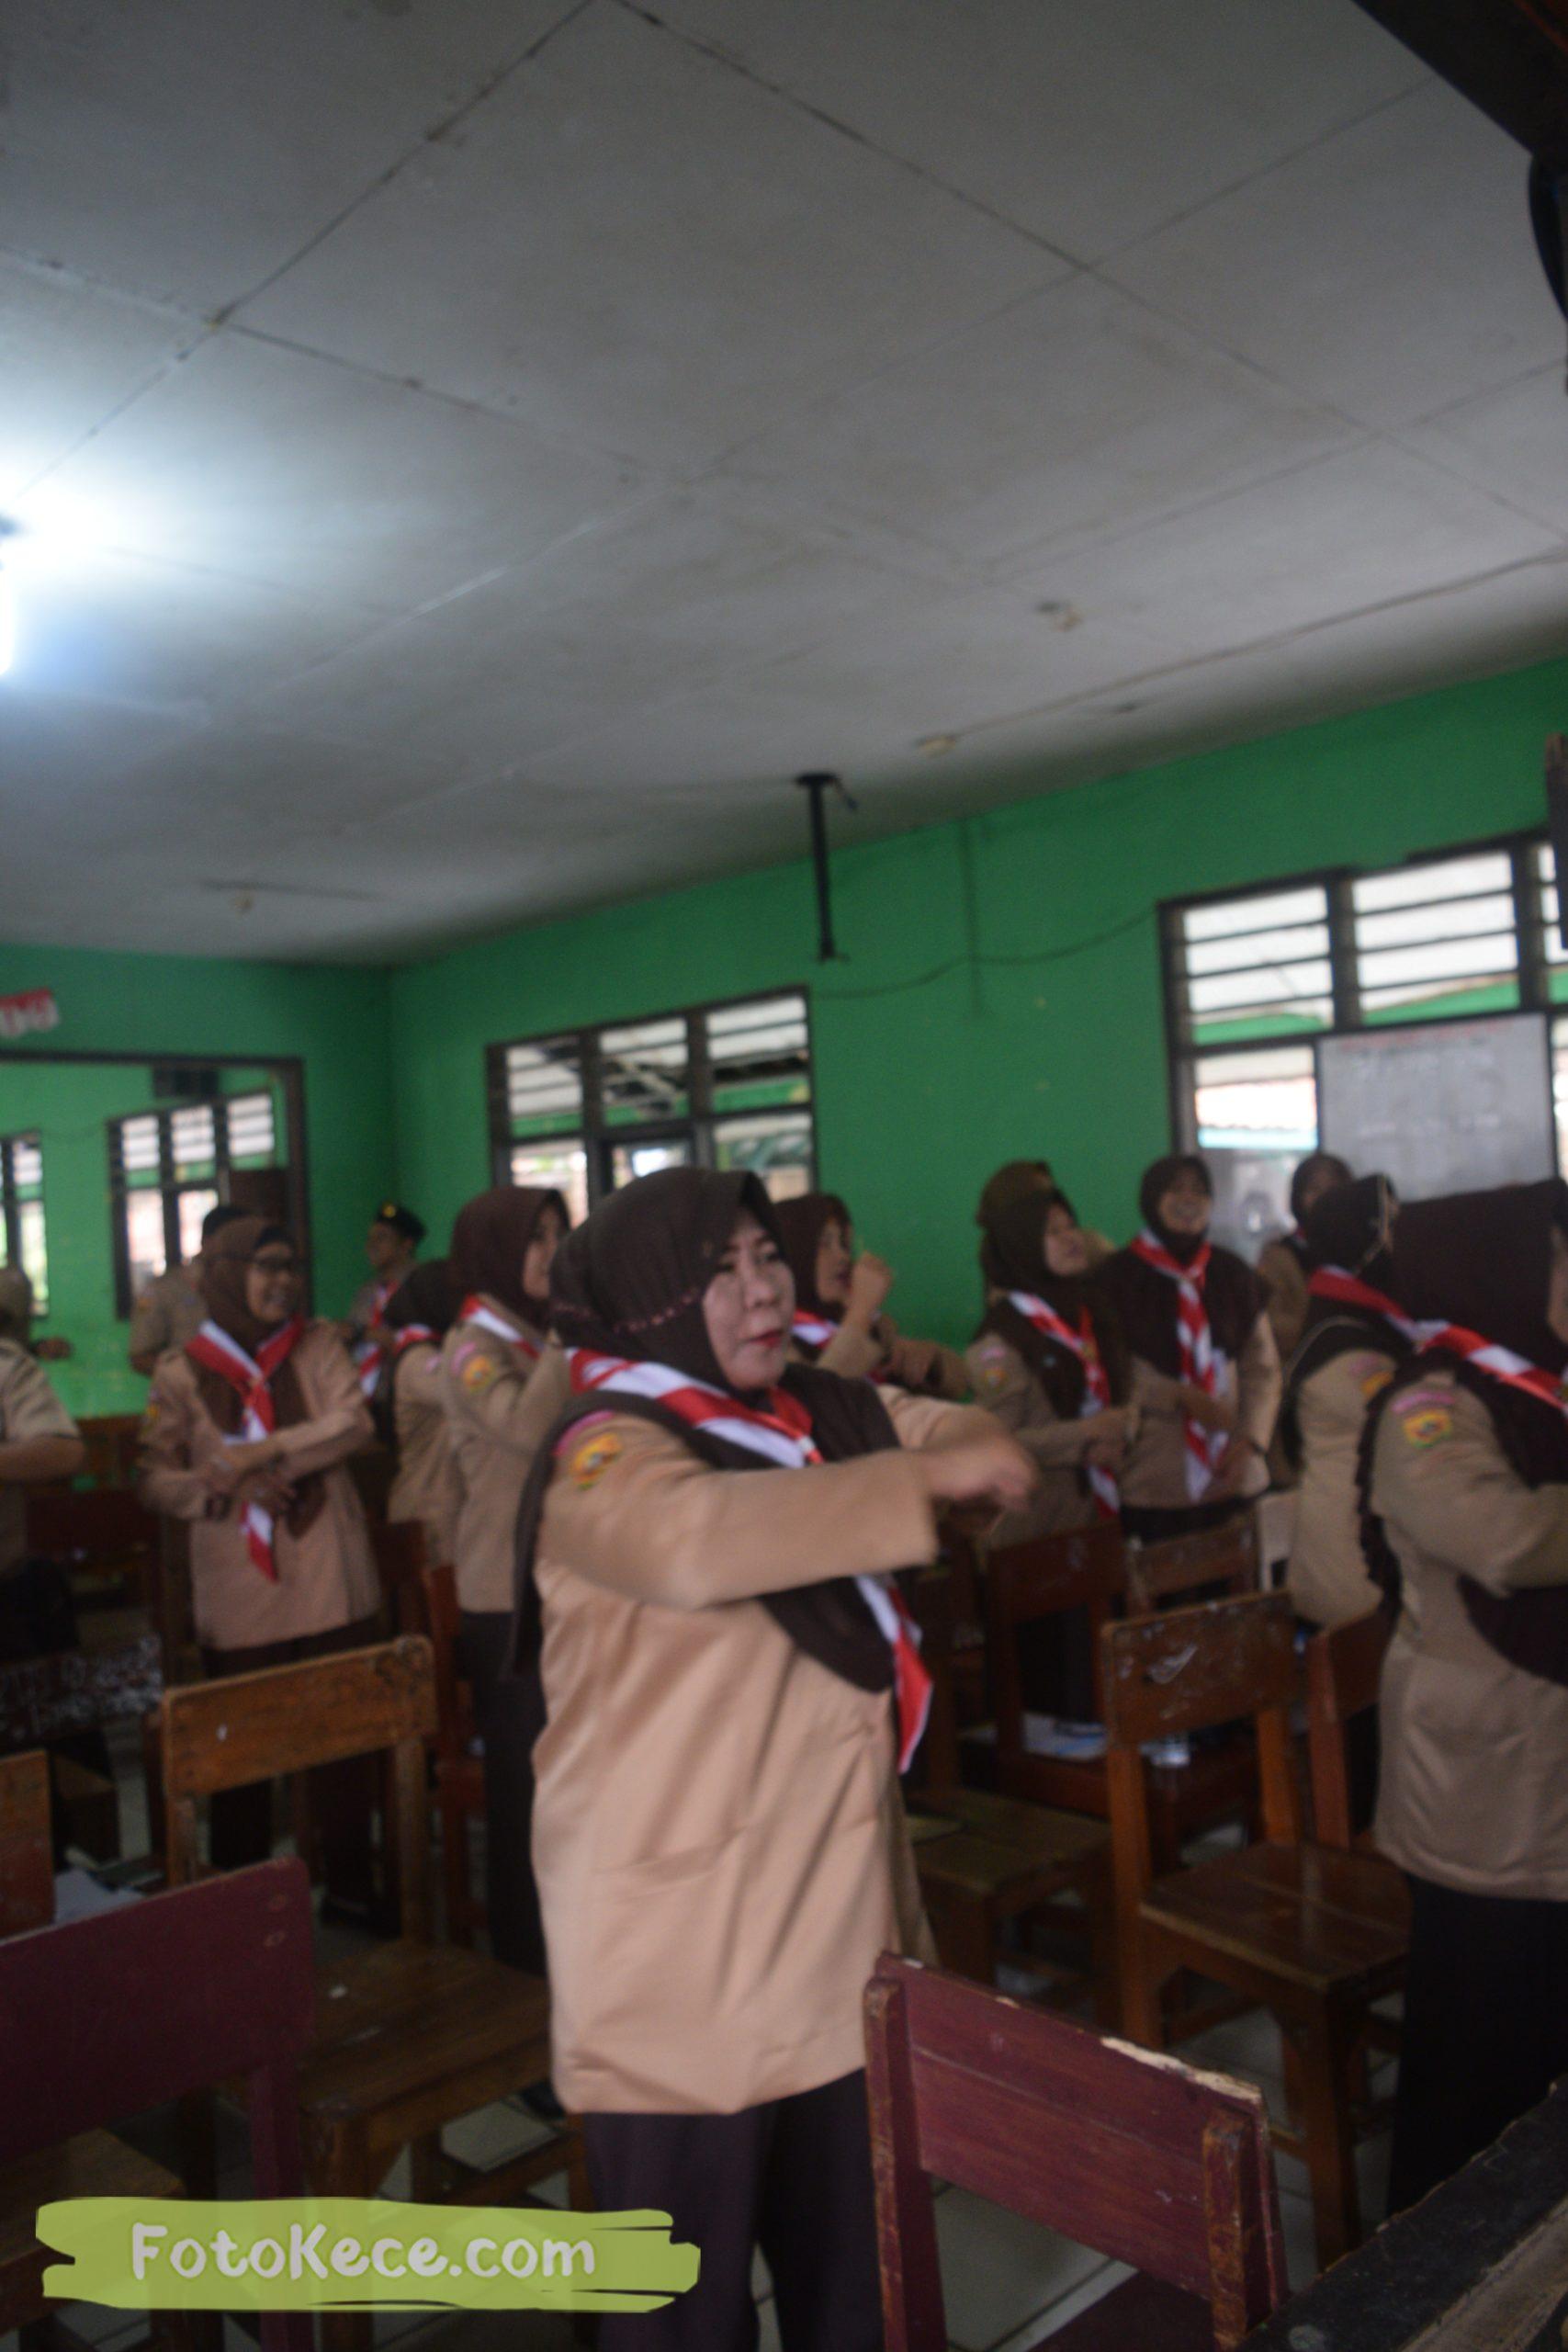 indoor kursus pembina mahir tingkat dasar kmd kwartir ranting surade 2019 fotokece Des 2019 57 scaled